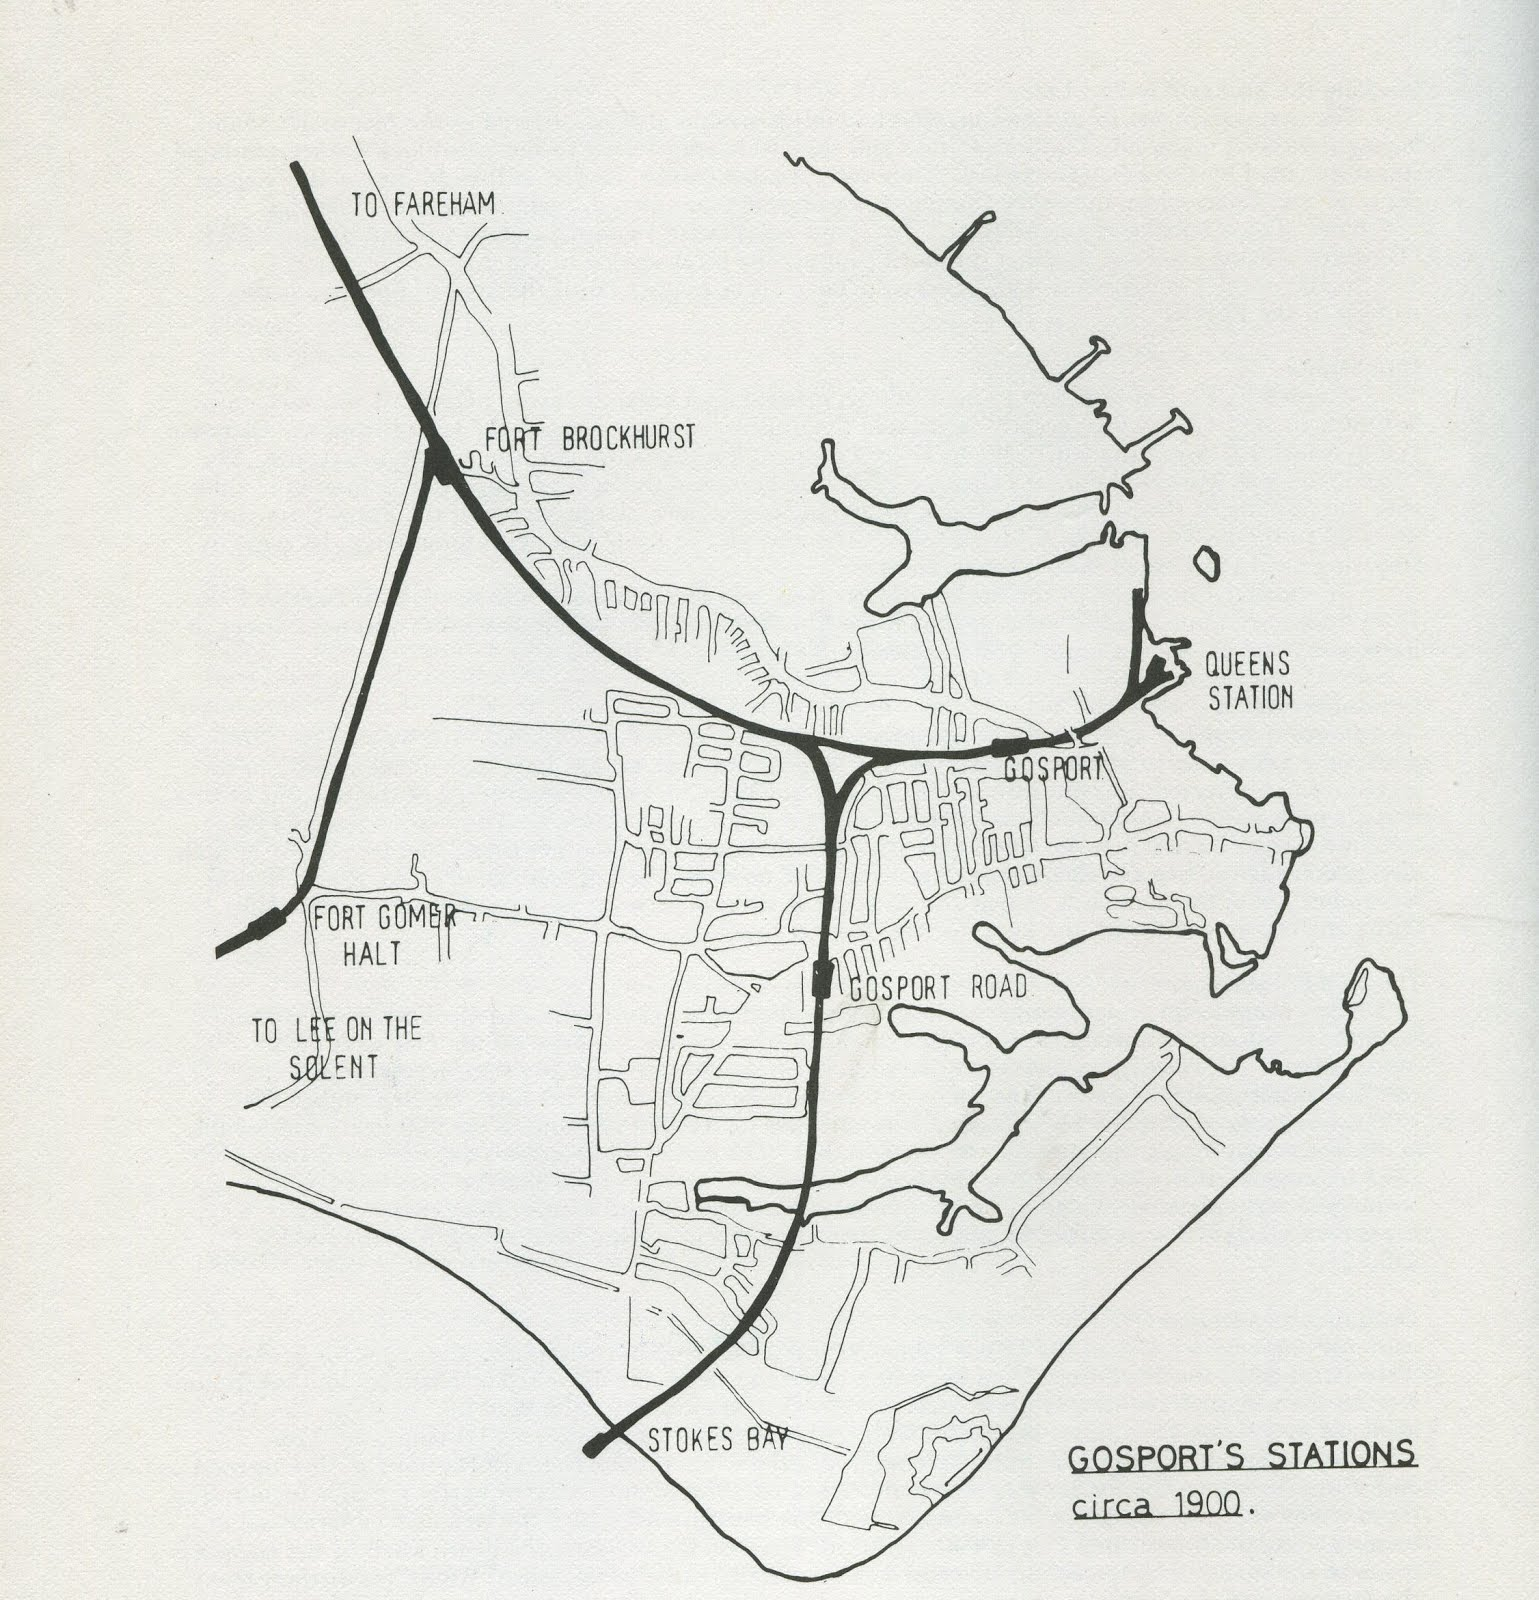 Gosports stations